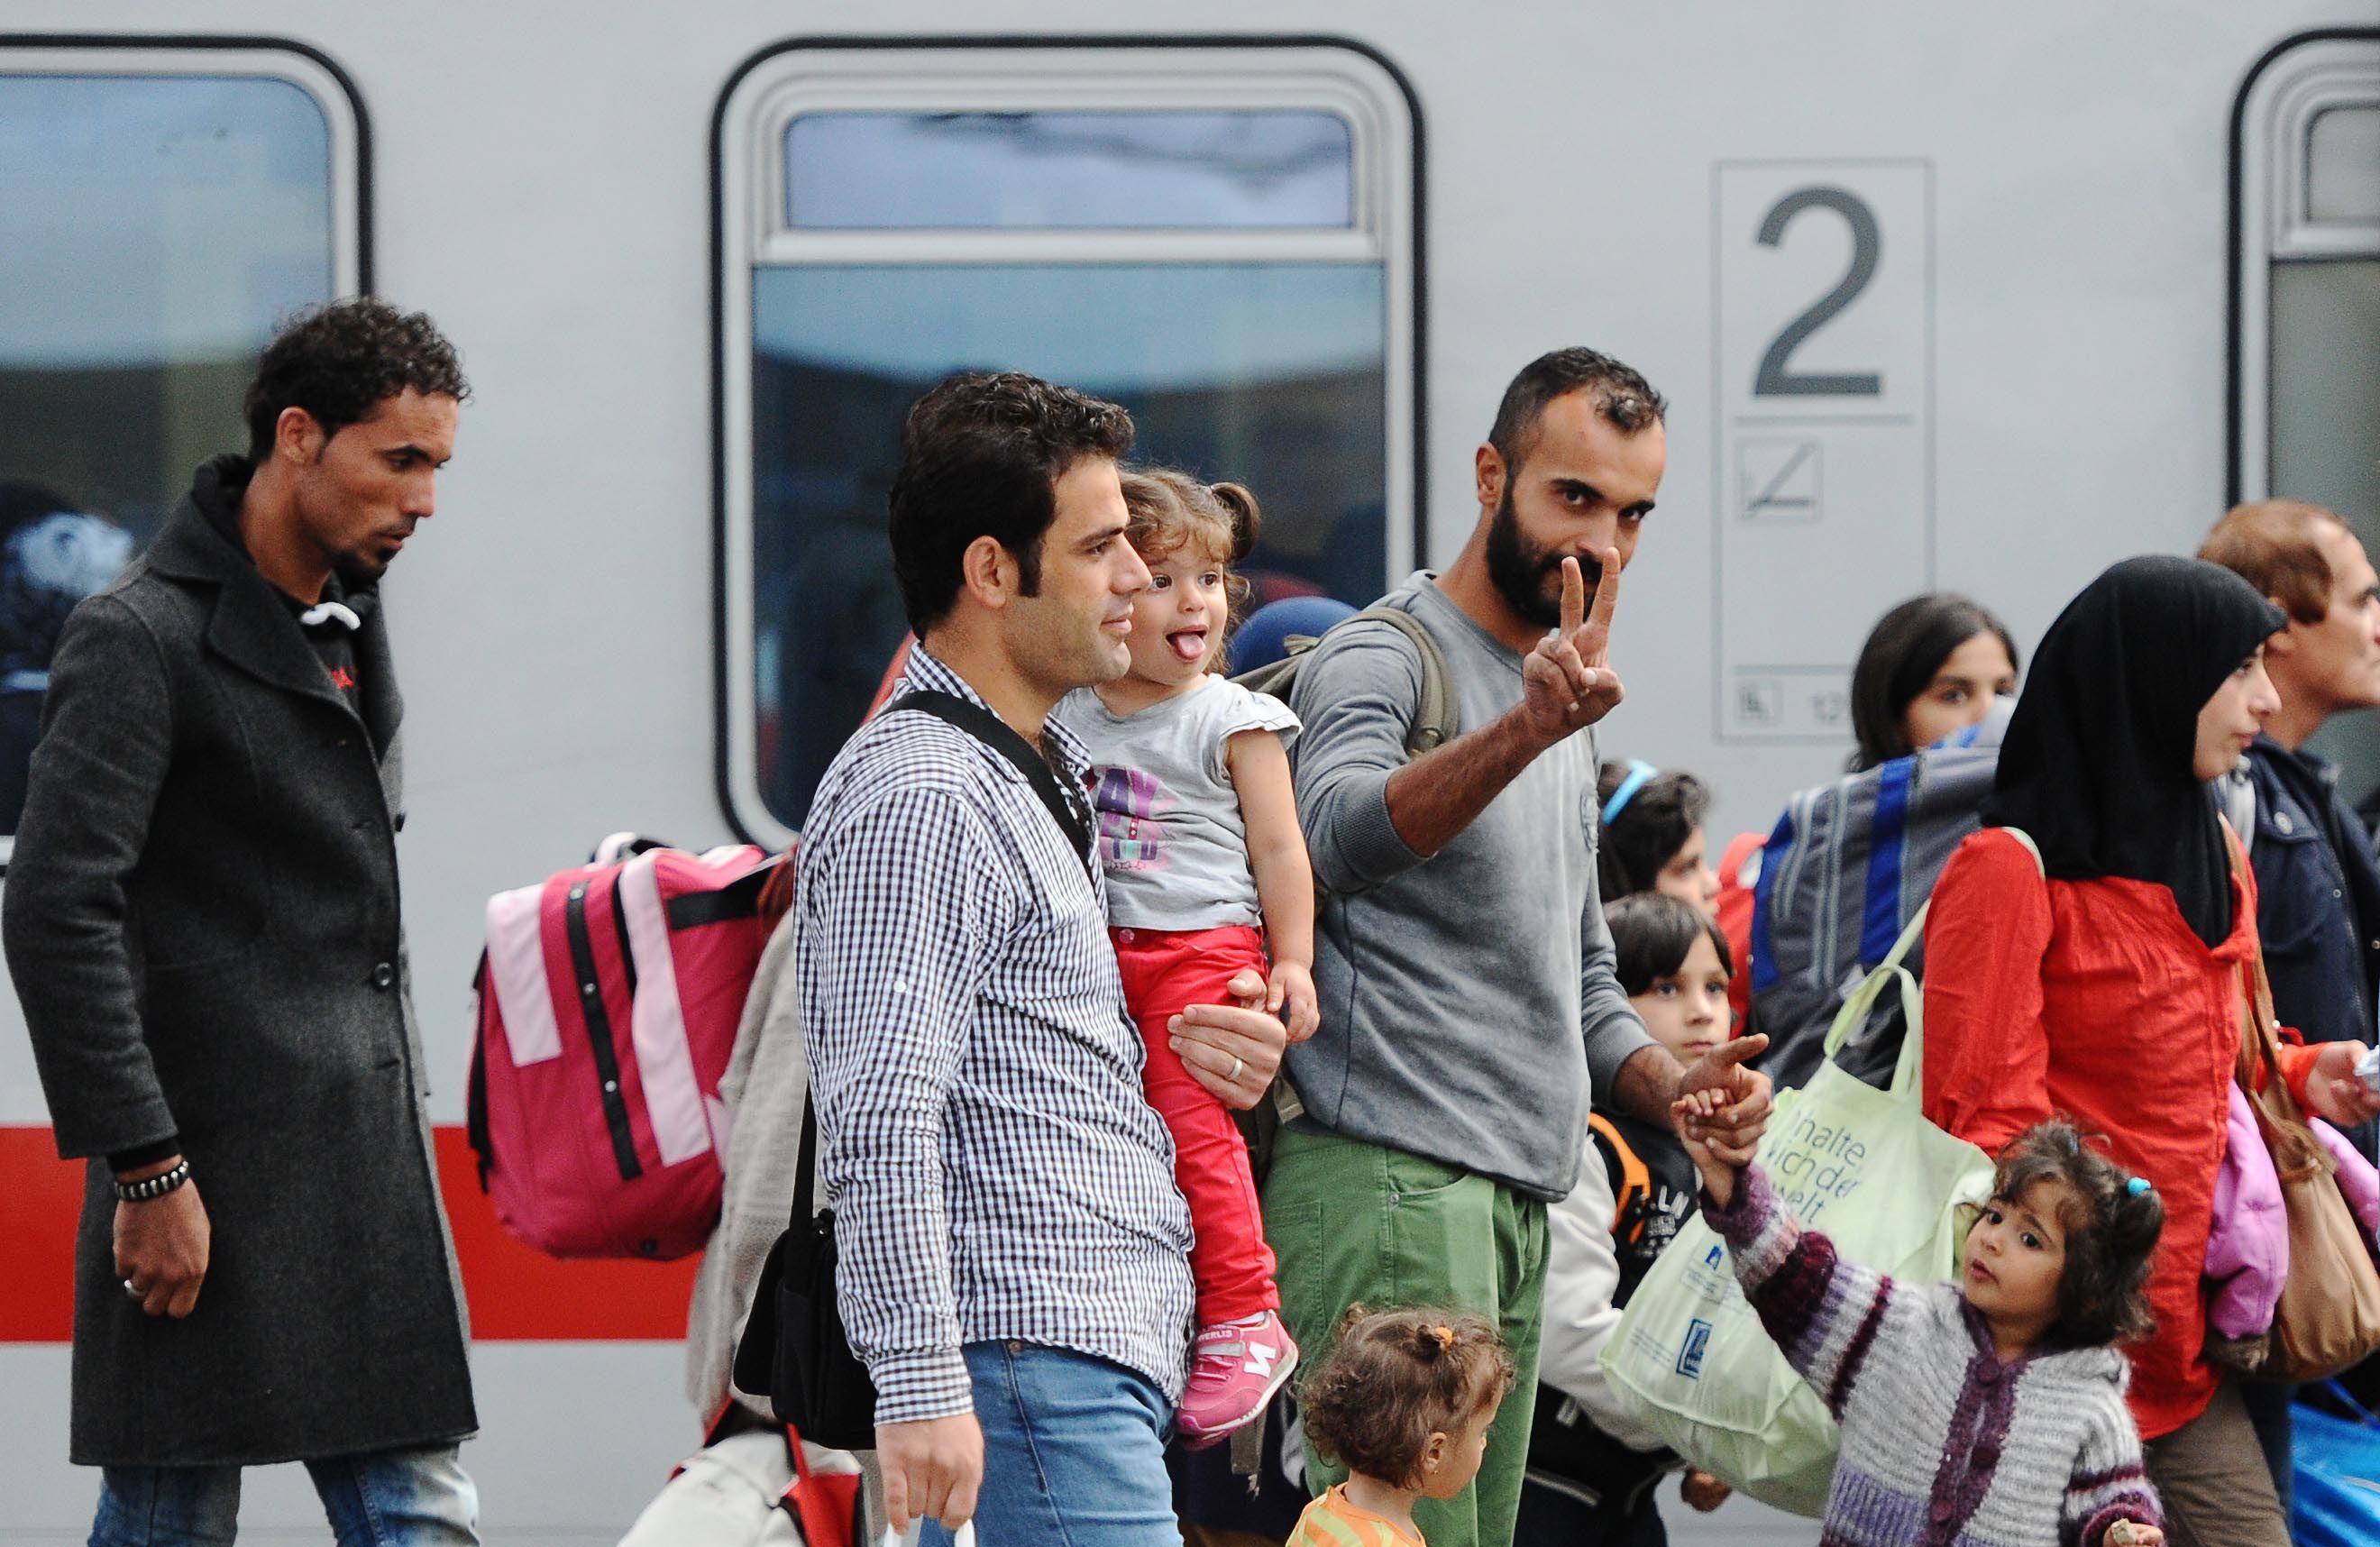 La travesía. Sirios transbordan un tren en Munich con destino a otra ciudad alemana